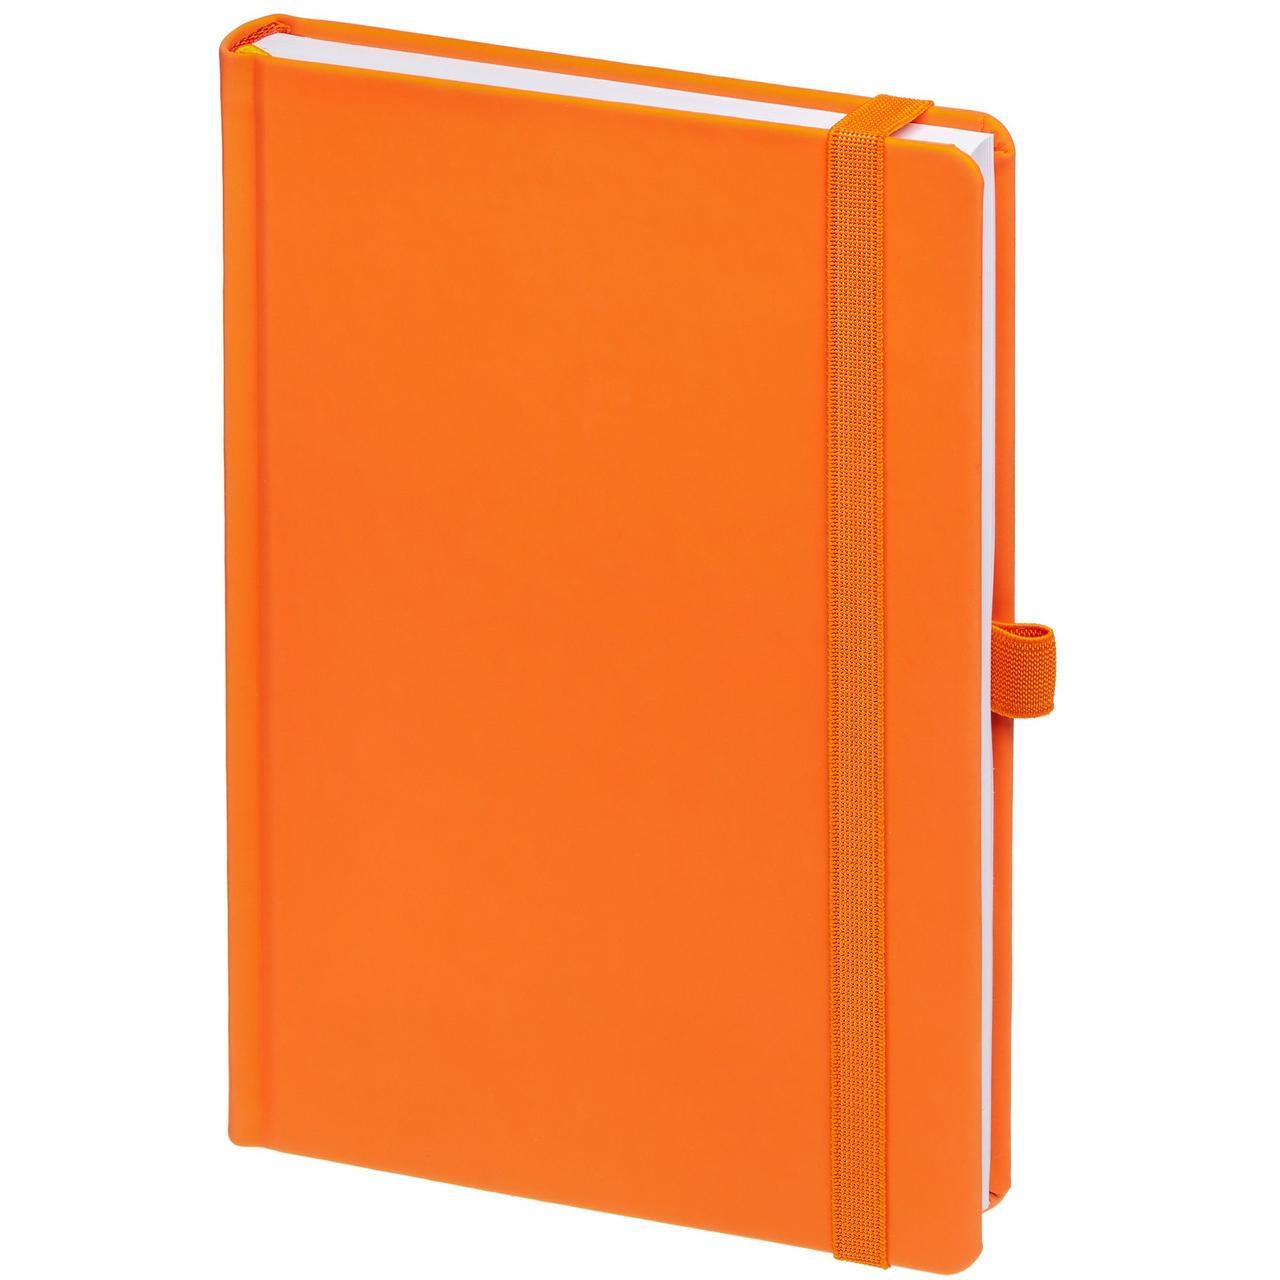 Ежедневник Favor, недатированный, оранжевый (артикул 17072.20)